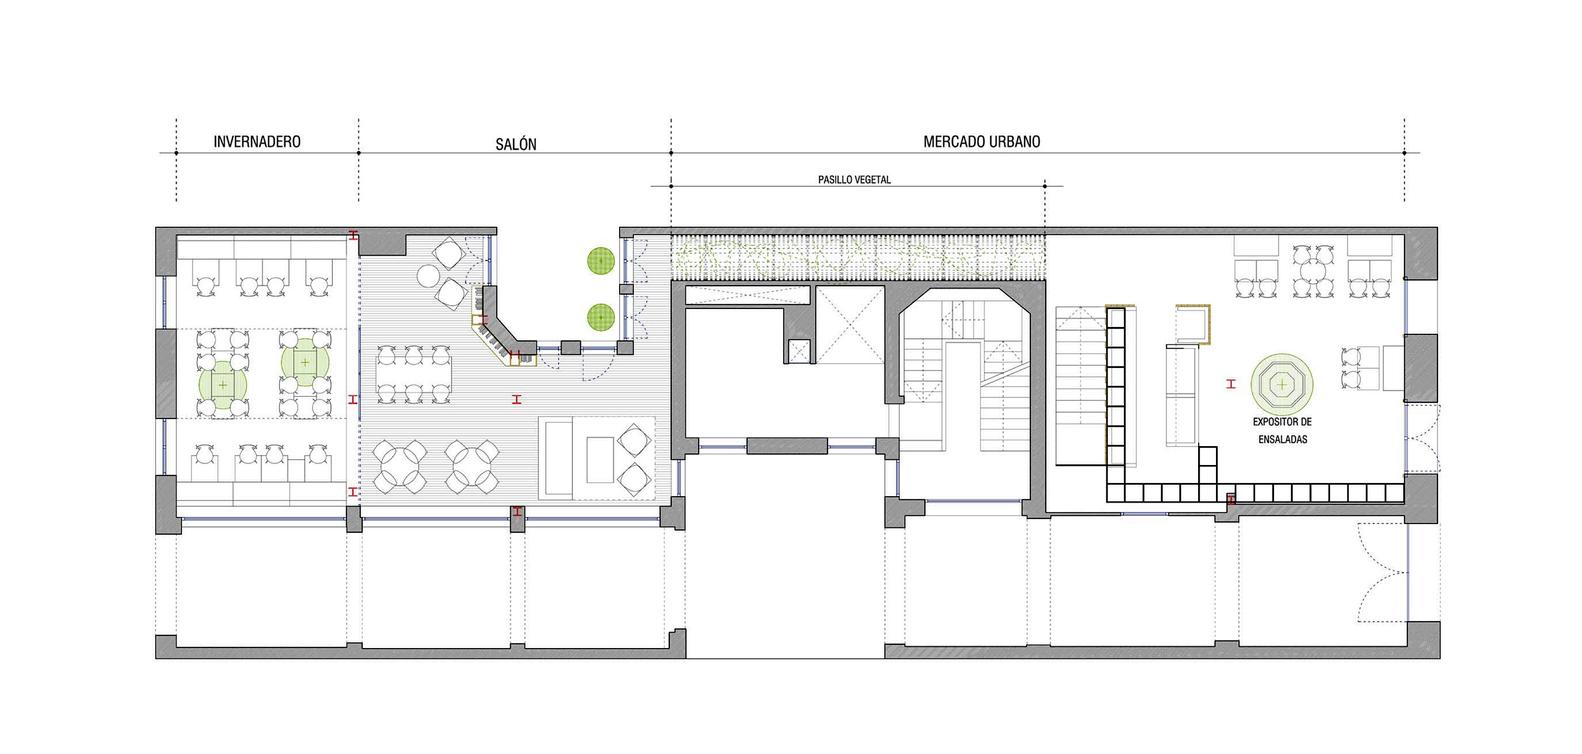 gallery of gust restaurant zooco estudio 10 gust restaurant floor plan